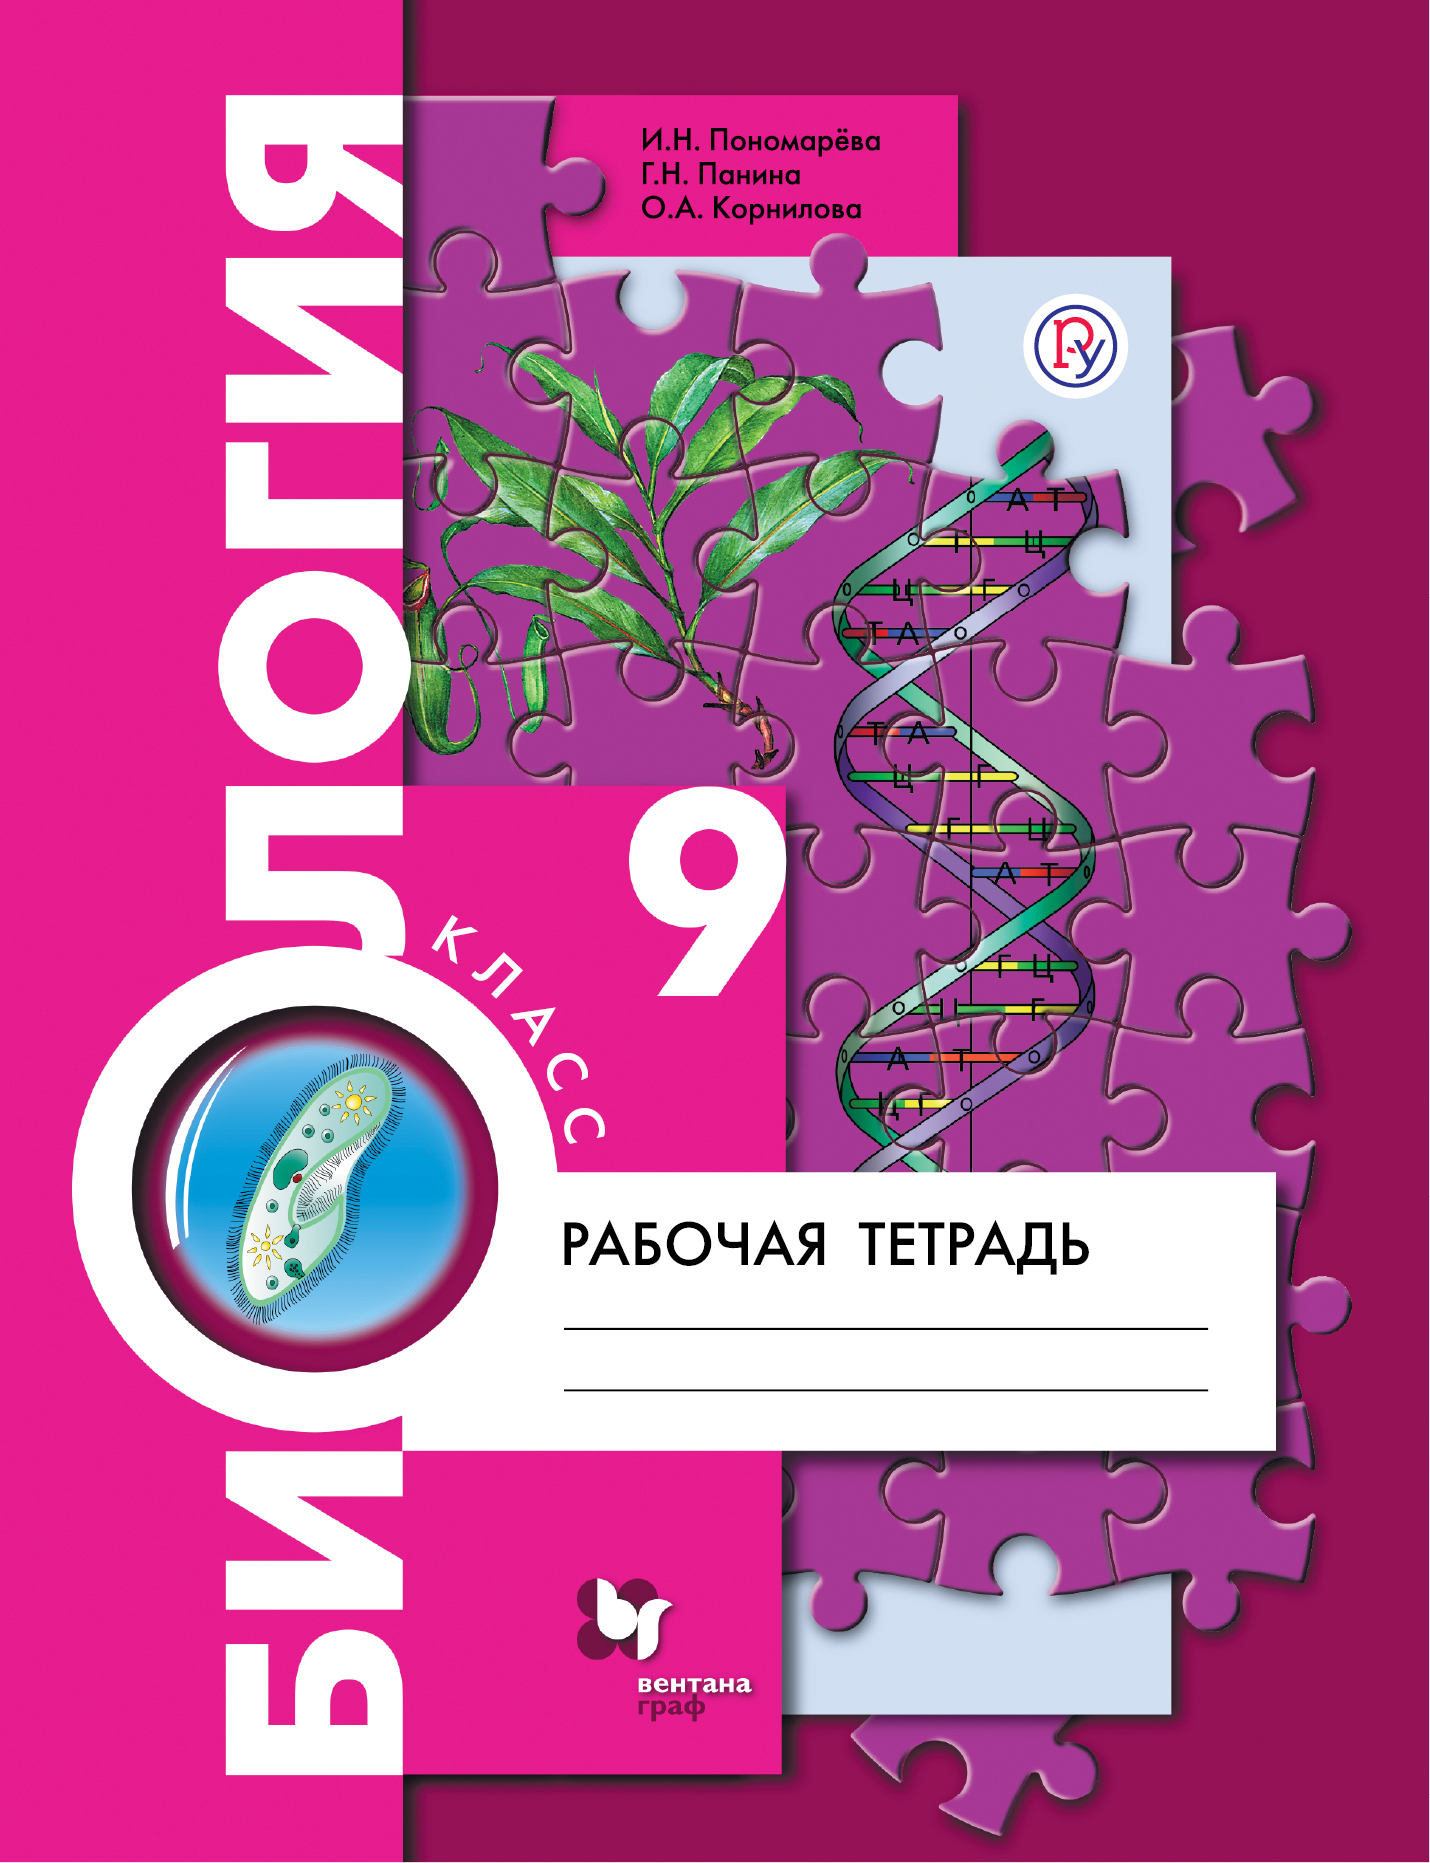 Пономарева И.Н., Панина Г.Н., Корнилова О.А. Биология. 9класс. Рабочая тетрадь.